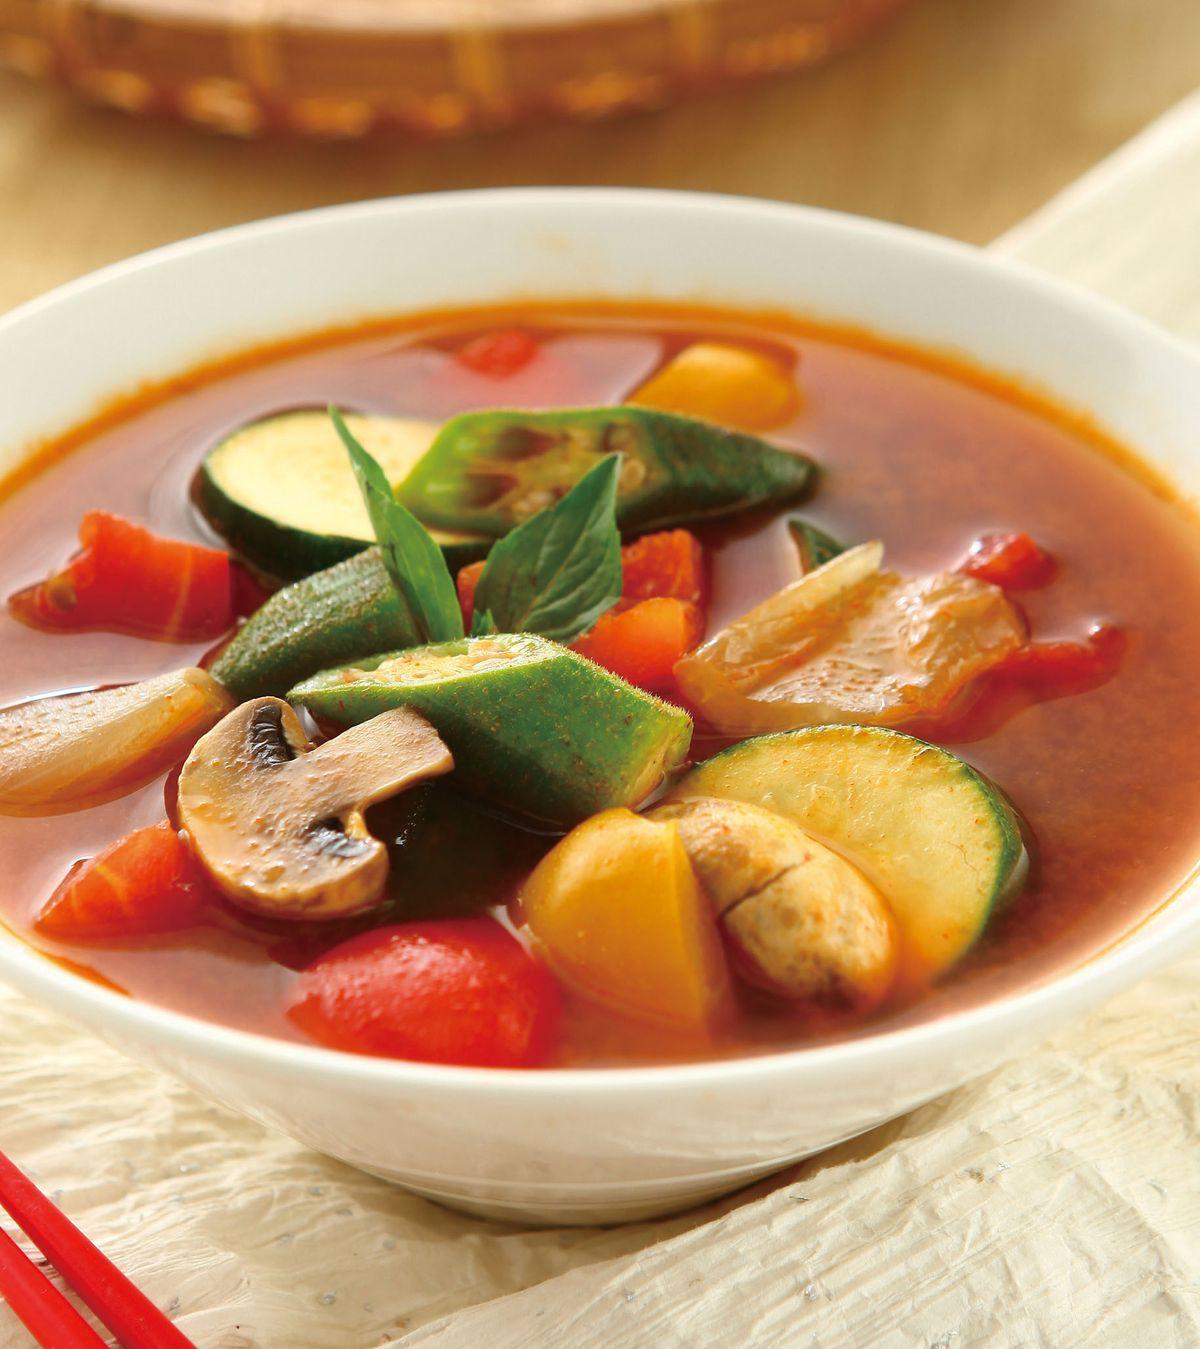 食譜:泰式酸辣蔬菜湯